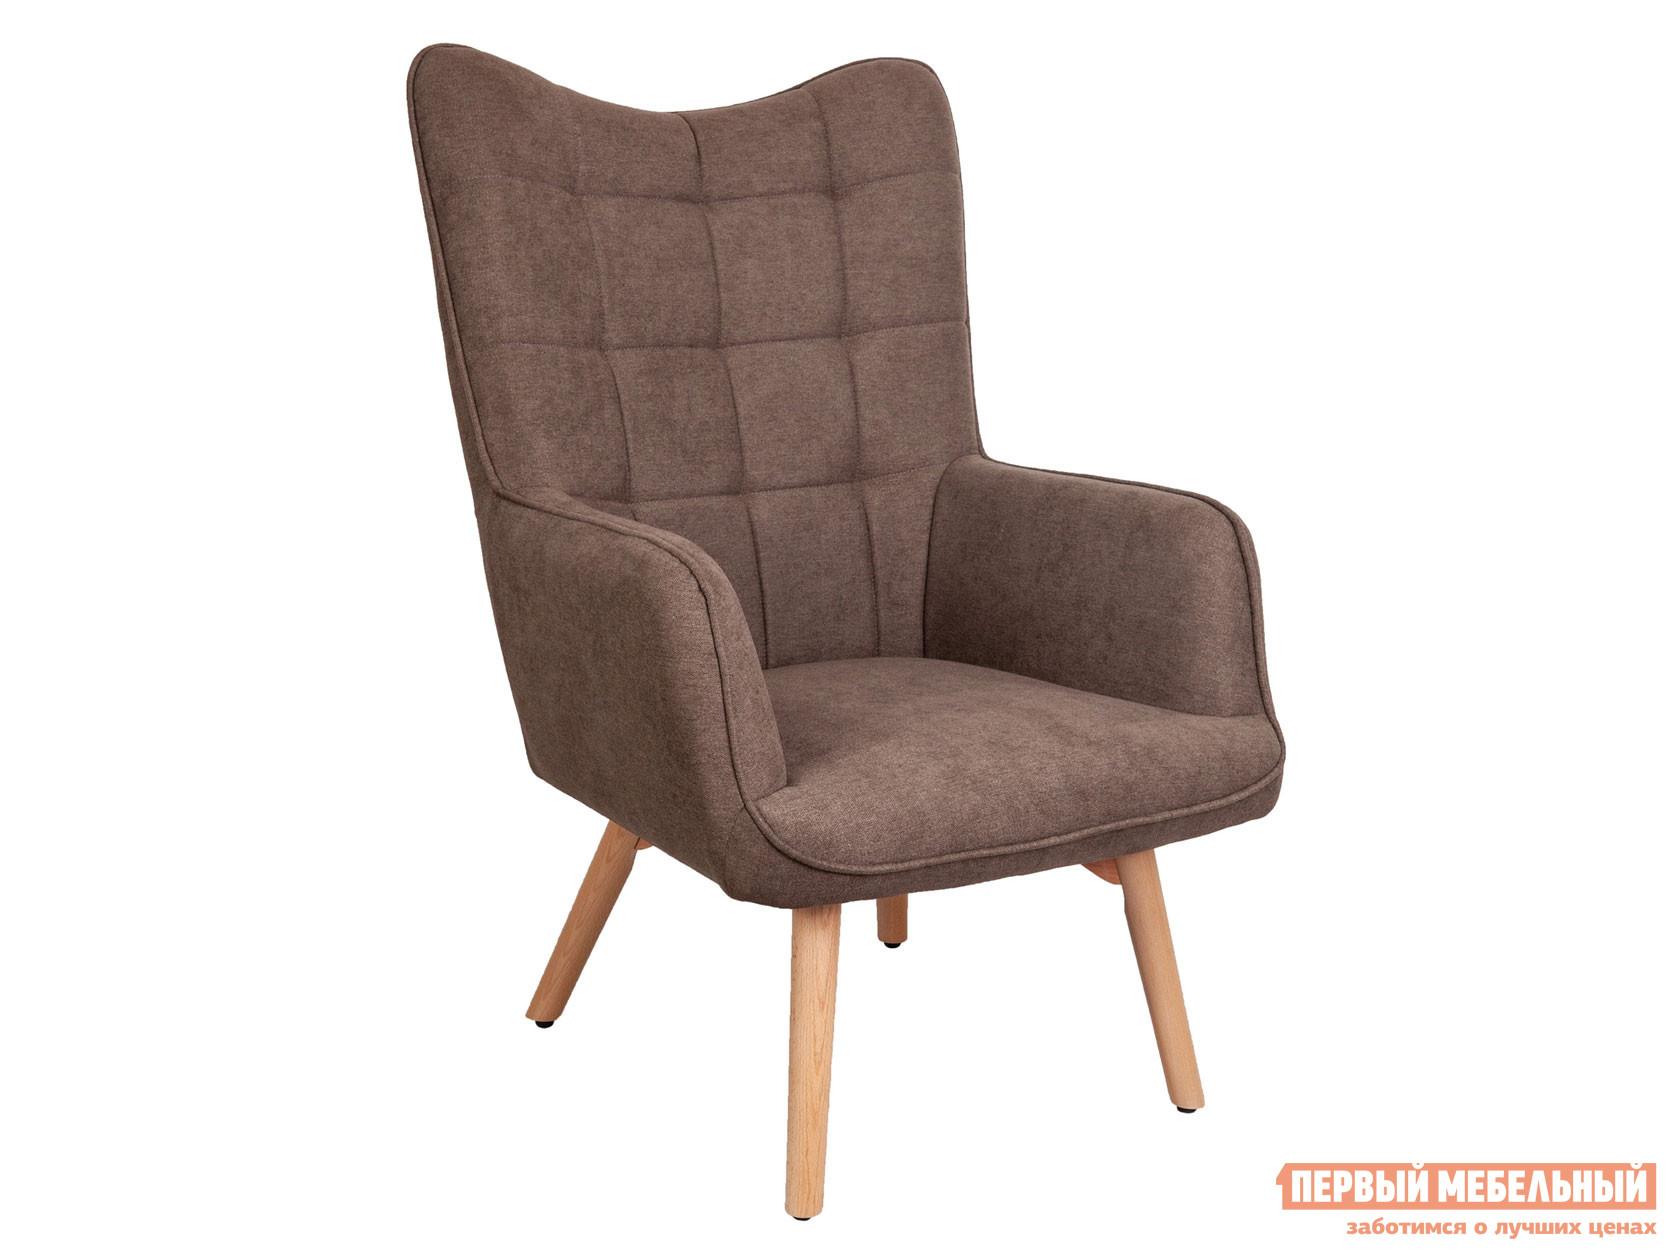 Кресло  BOGEMA Бежевый, рогожка / Бук, дерево Sedia 124879